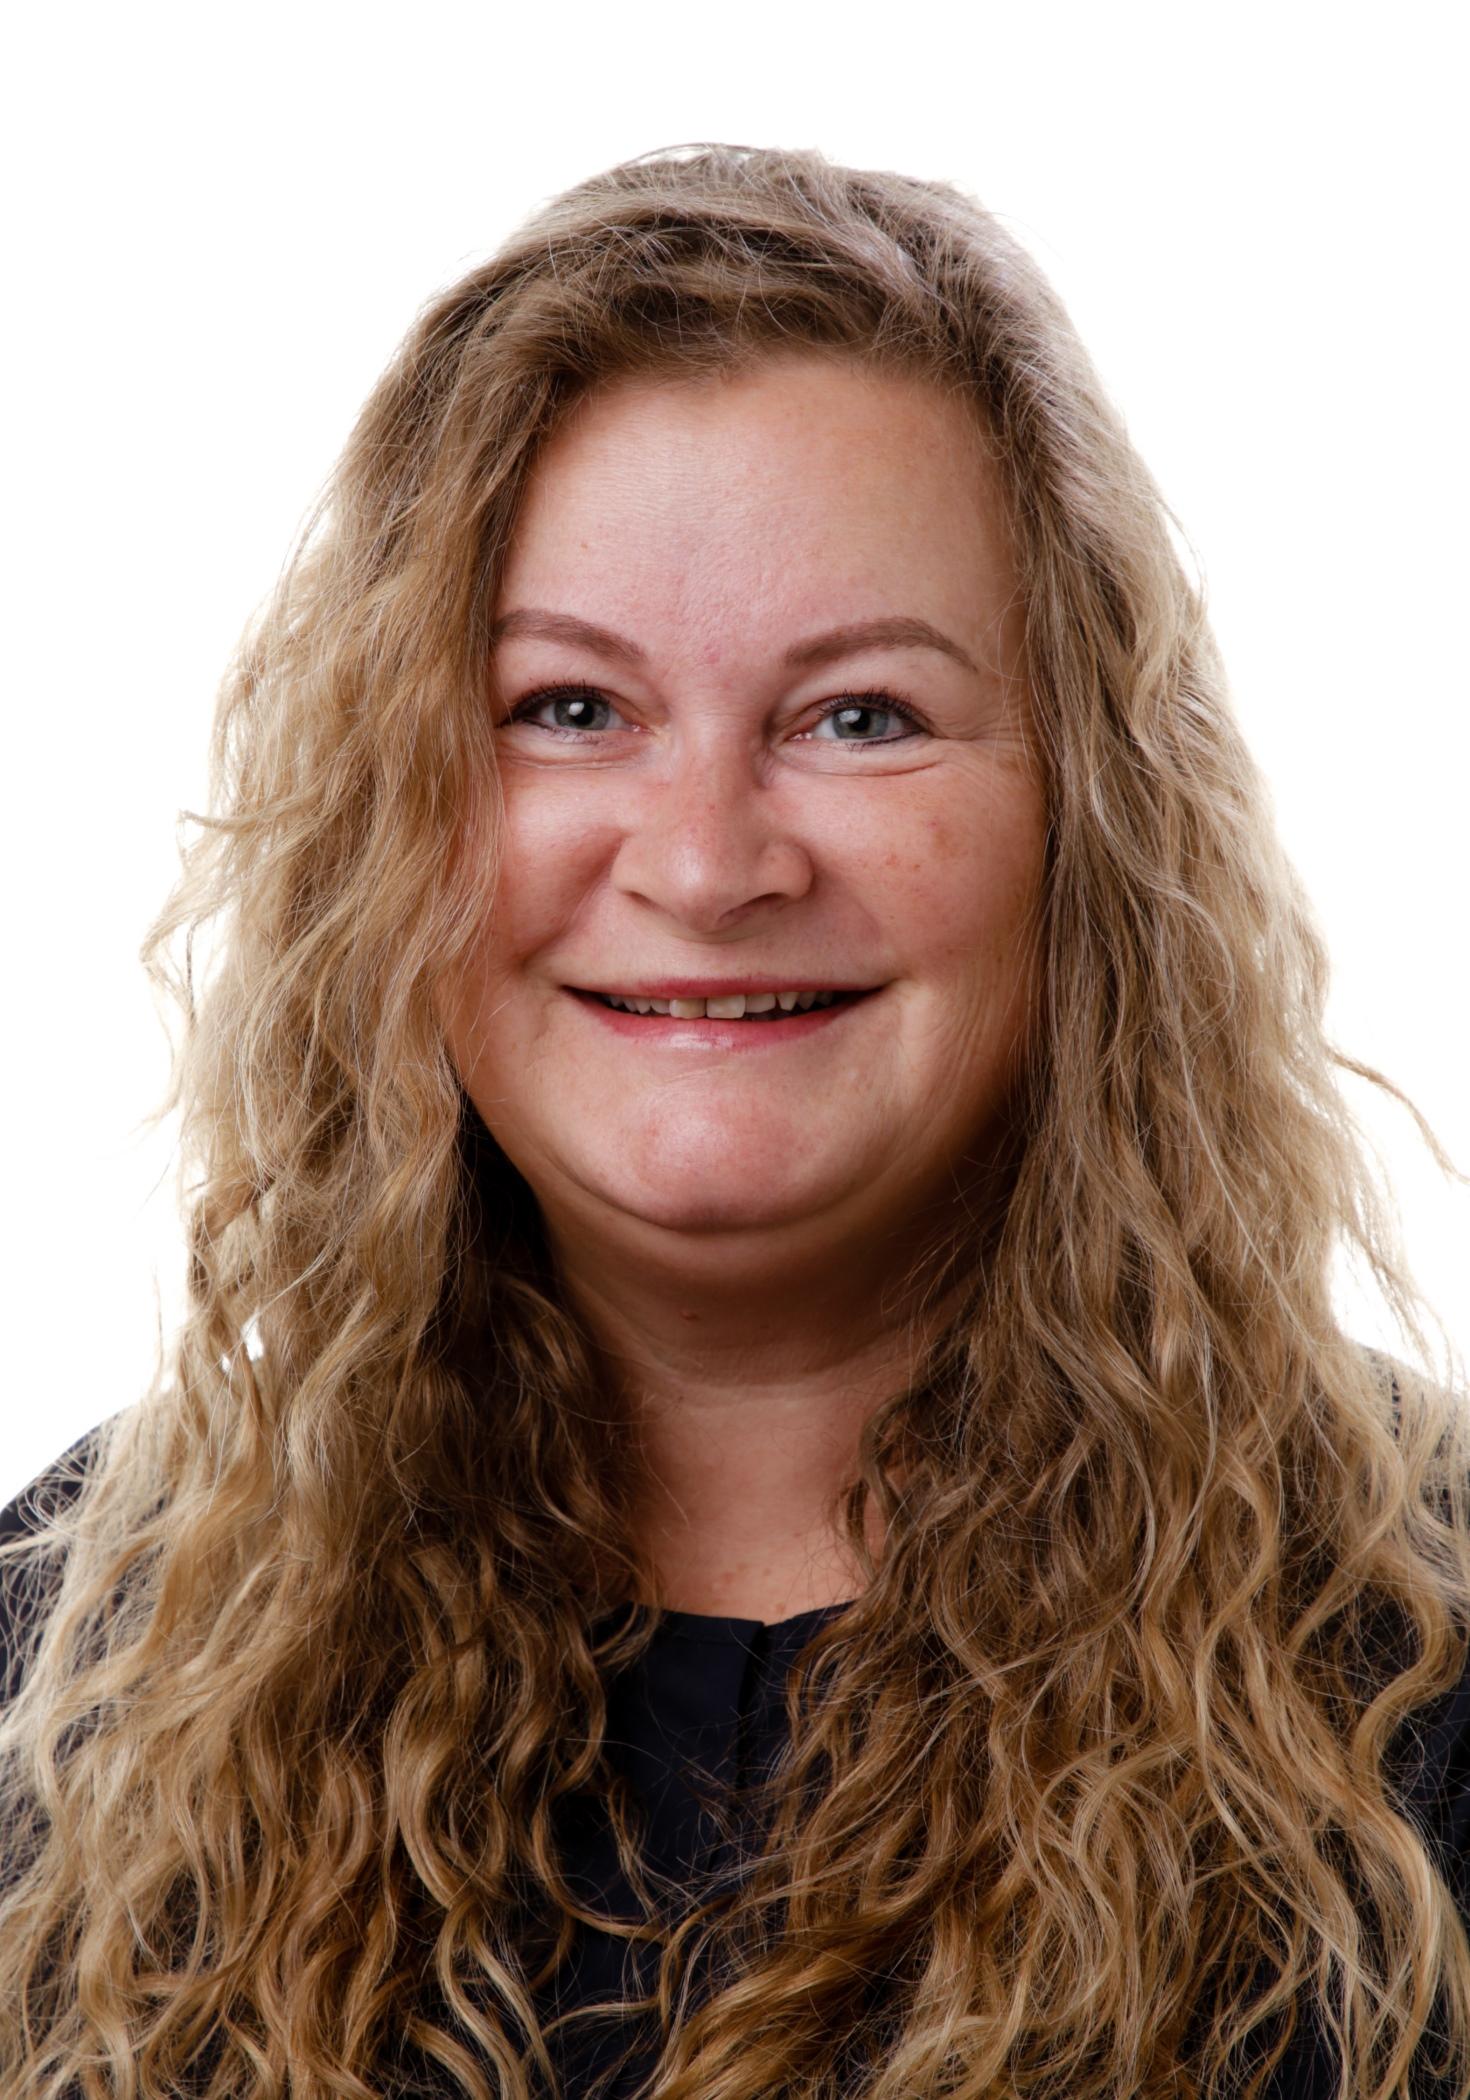 Lærer, Guri Almåsbakk